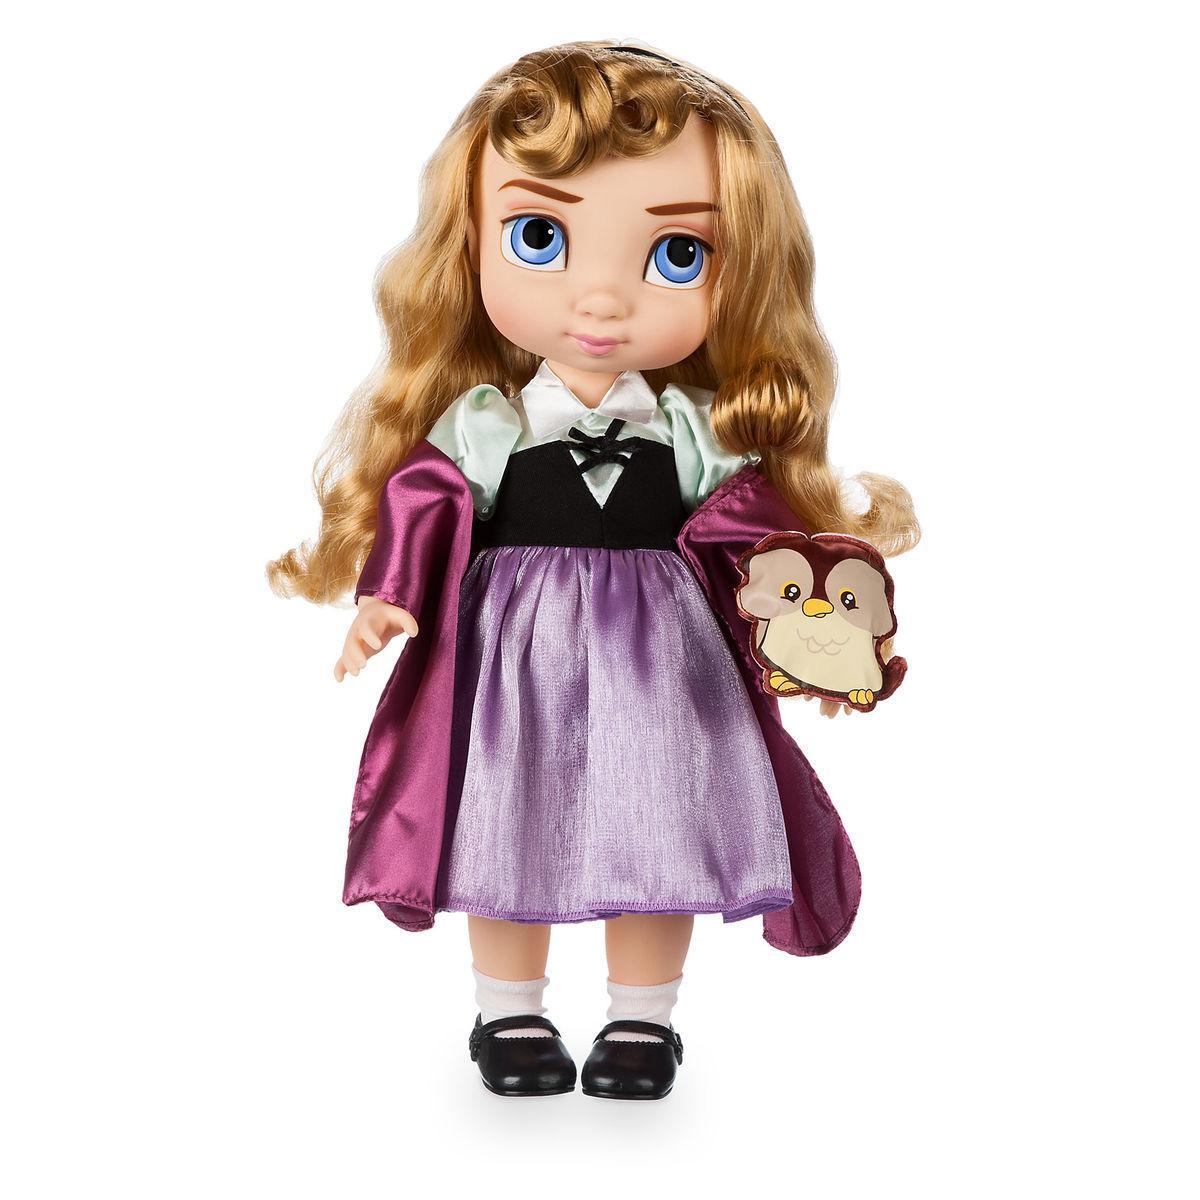 Disney Animators Дисней Аниматор Кукла принцесса малышка Аврора